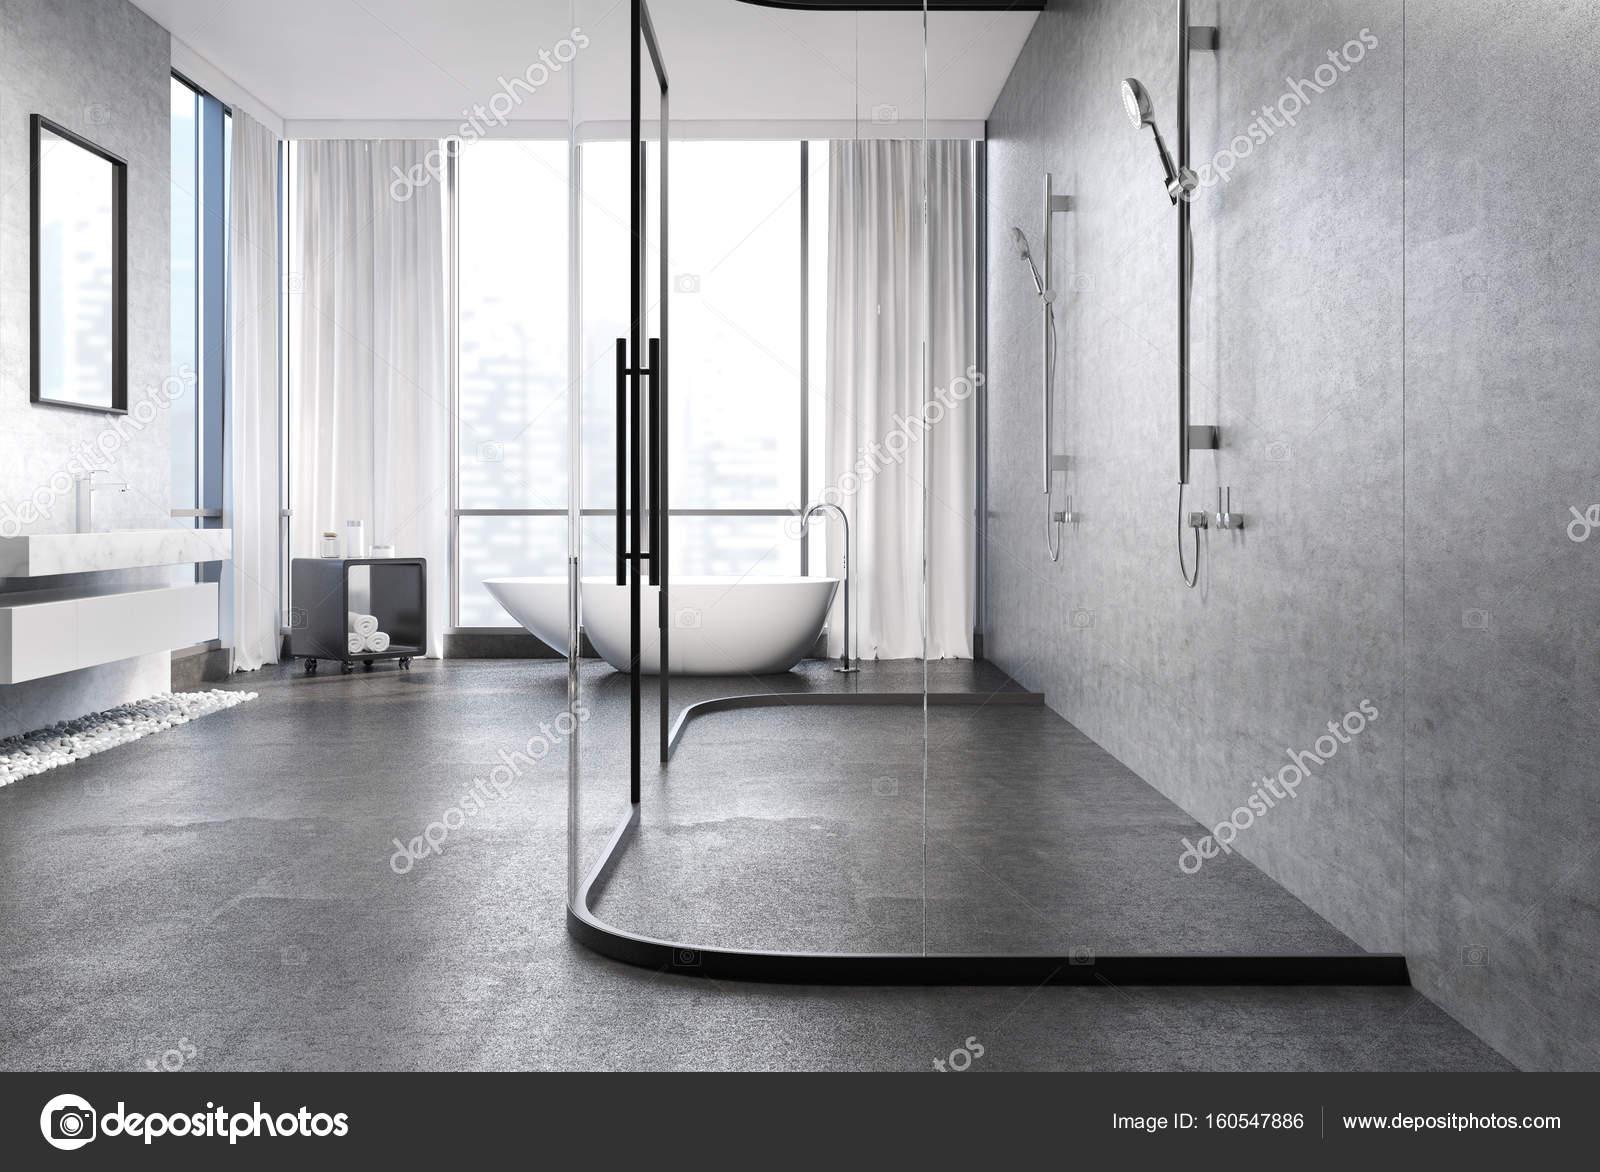 Szary Beton łazienka Prysznic Zdjęcie Stockowe